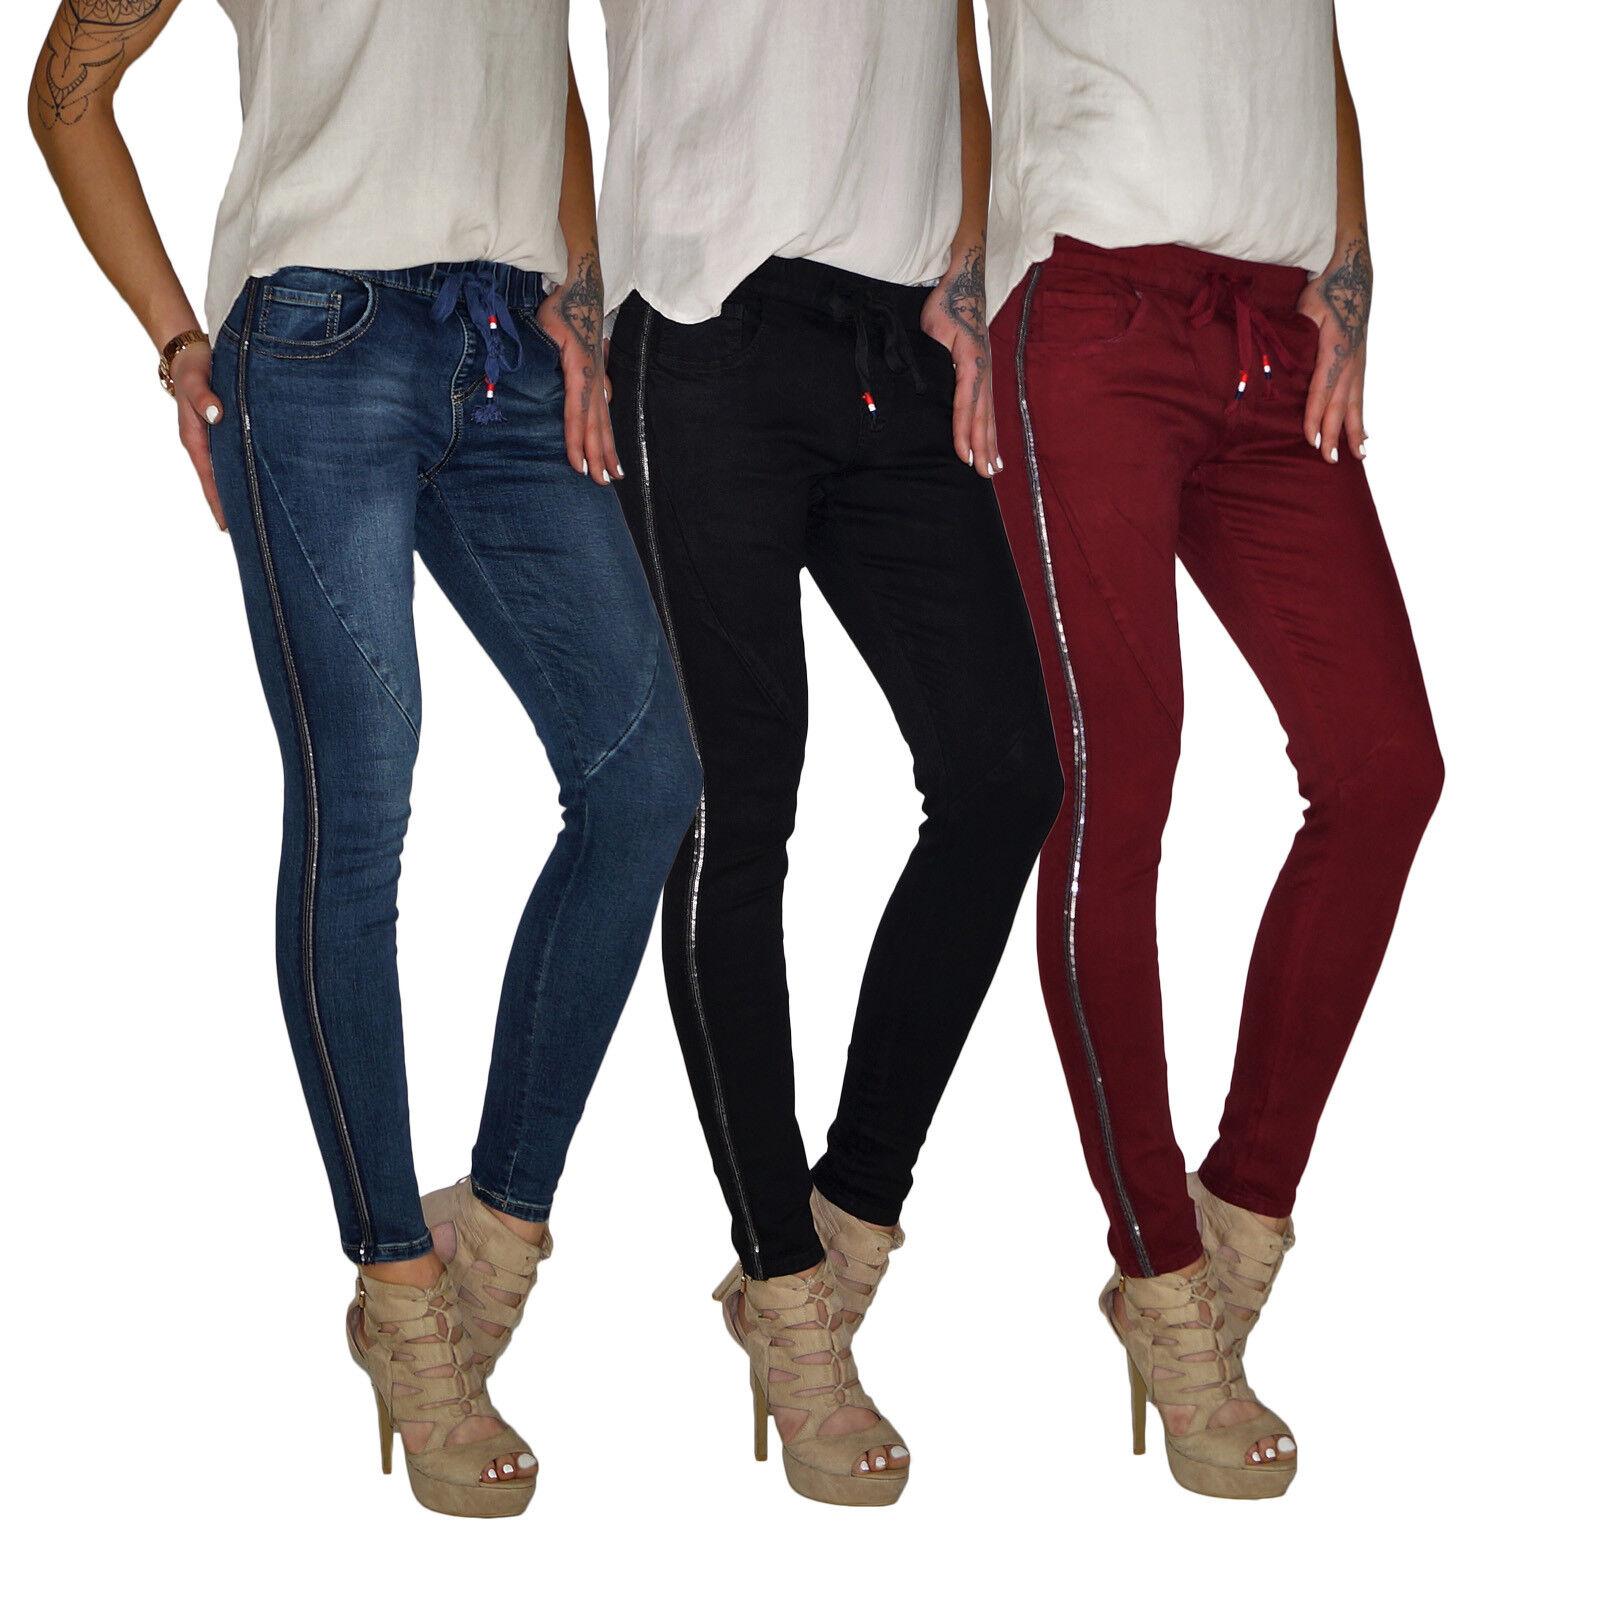 Damen Boyfriend Röhren Jeans Hose mit Seitenstreifen Gallonstreifen E198